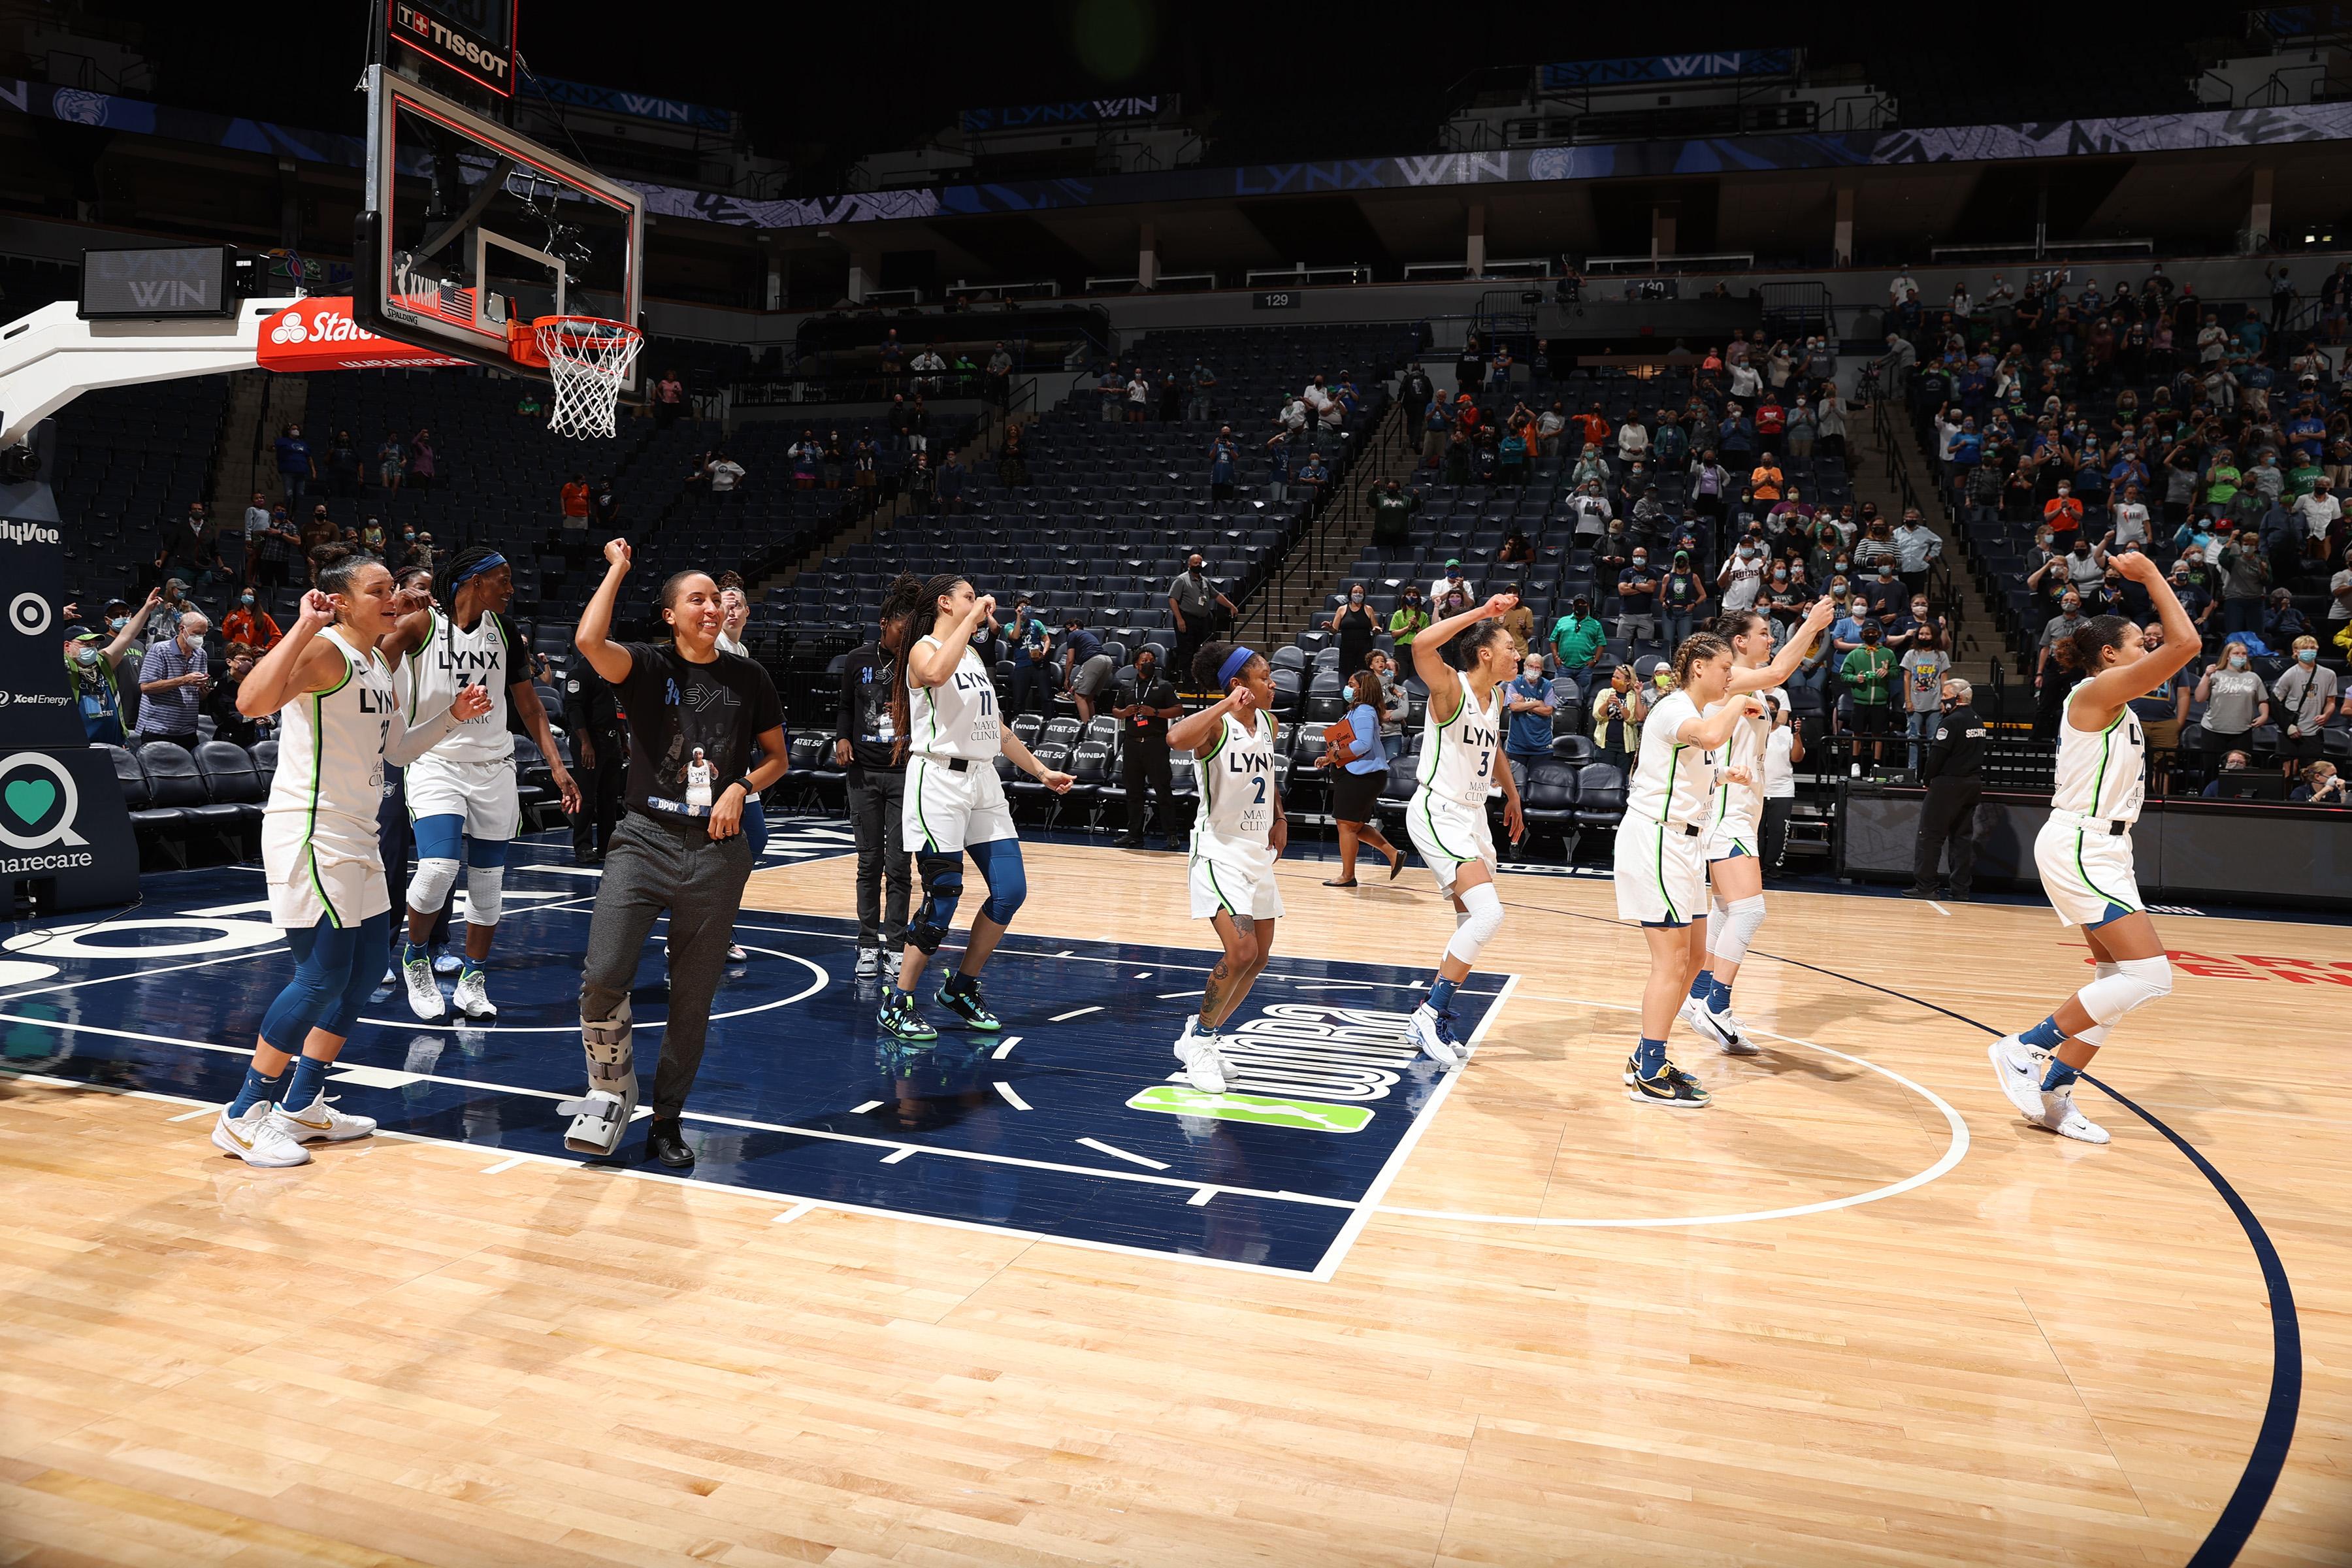 Indiana Fever v Minnesota Lynx